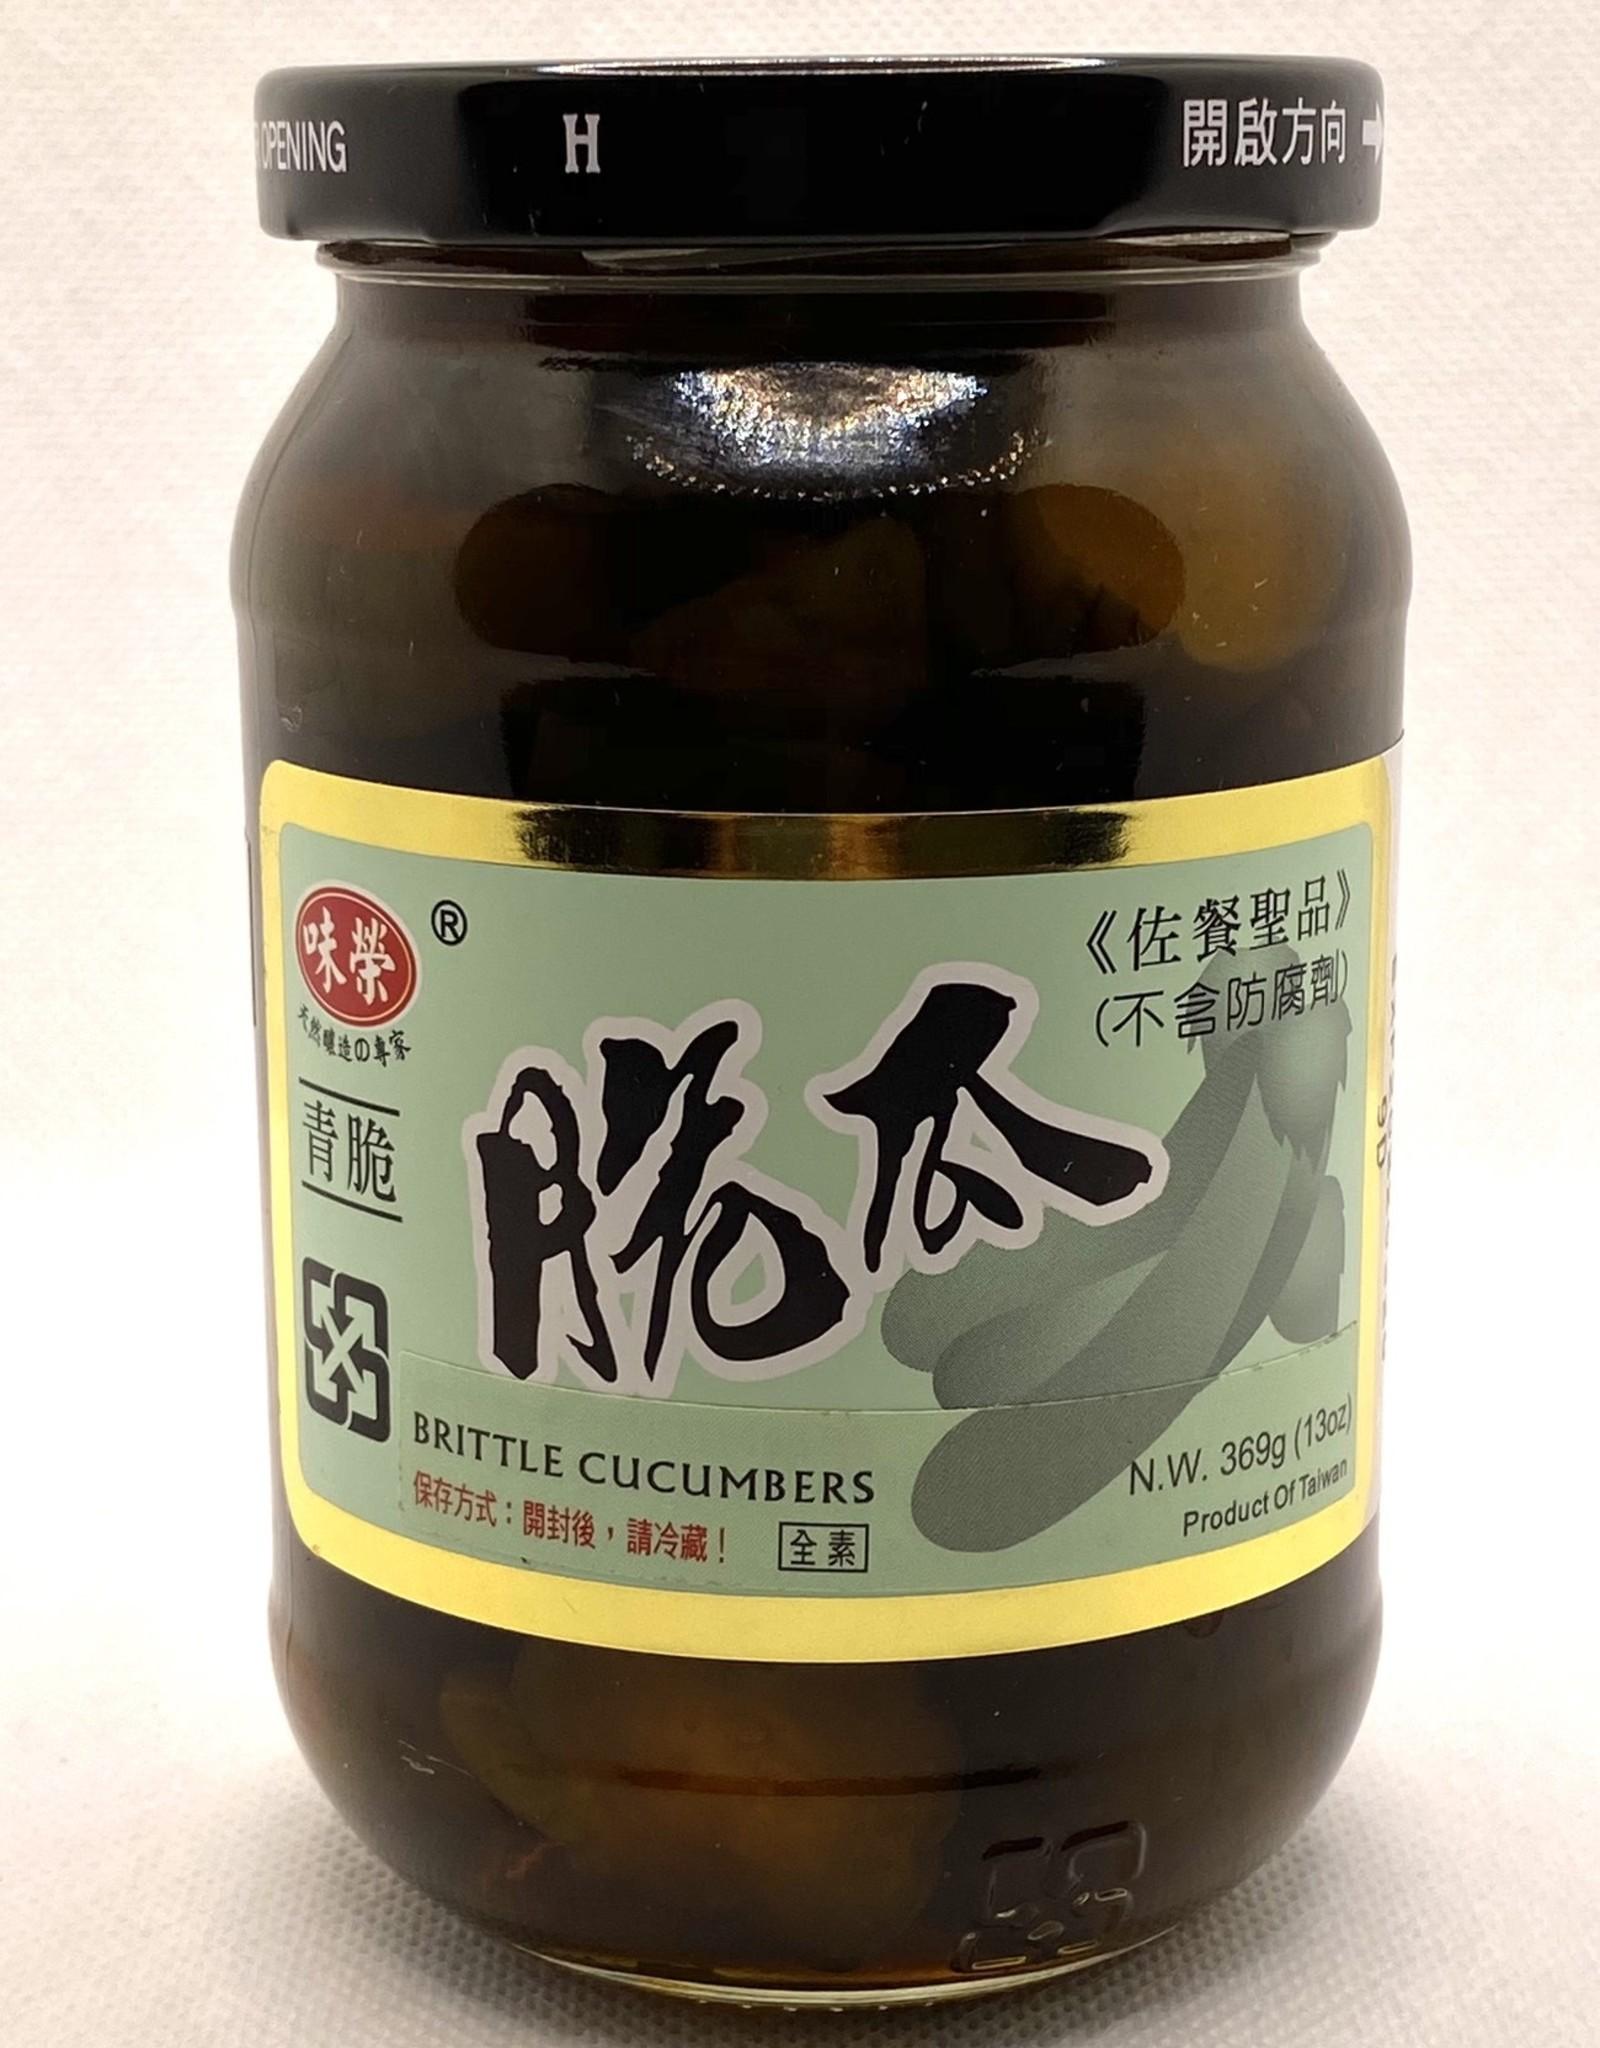 (UK) Brittle Cucumber*(味榮) 脆瓜